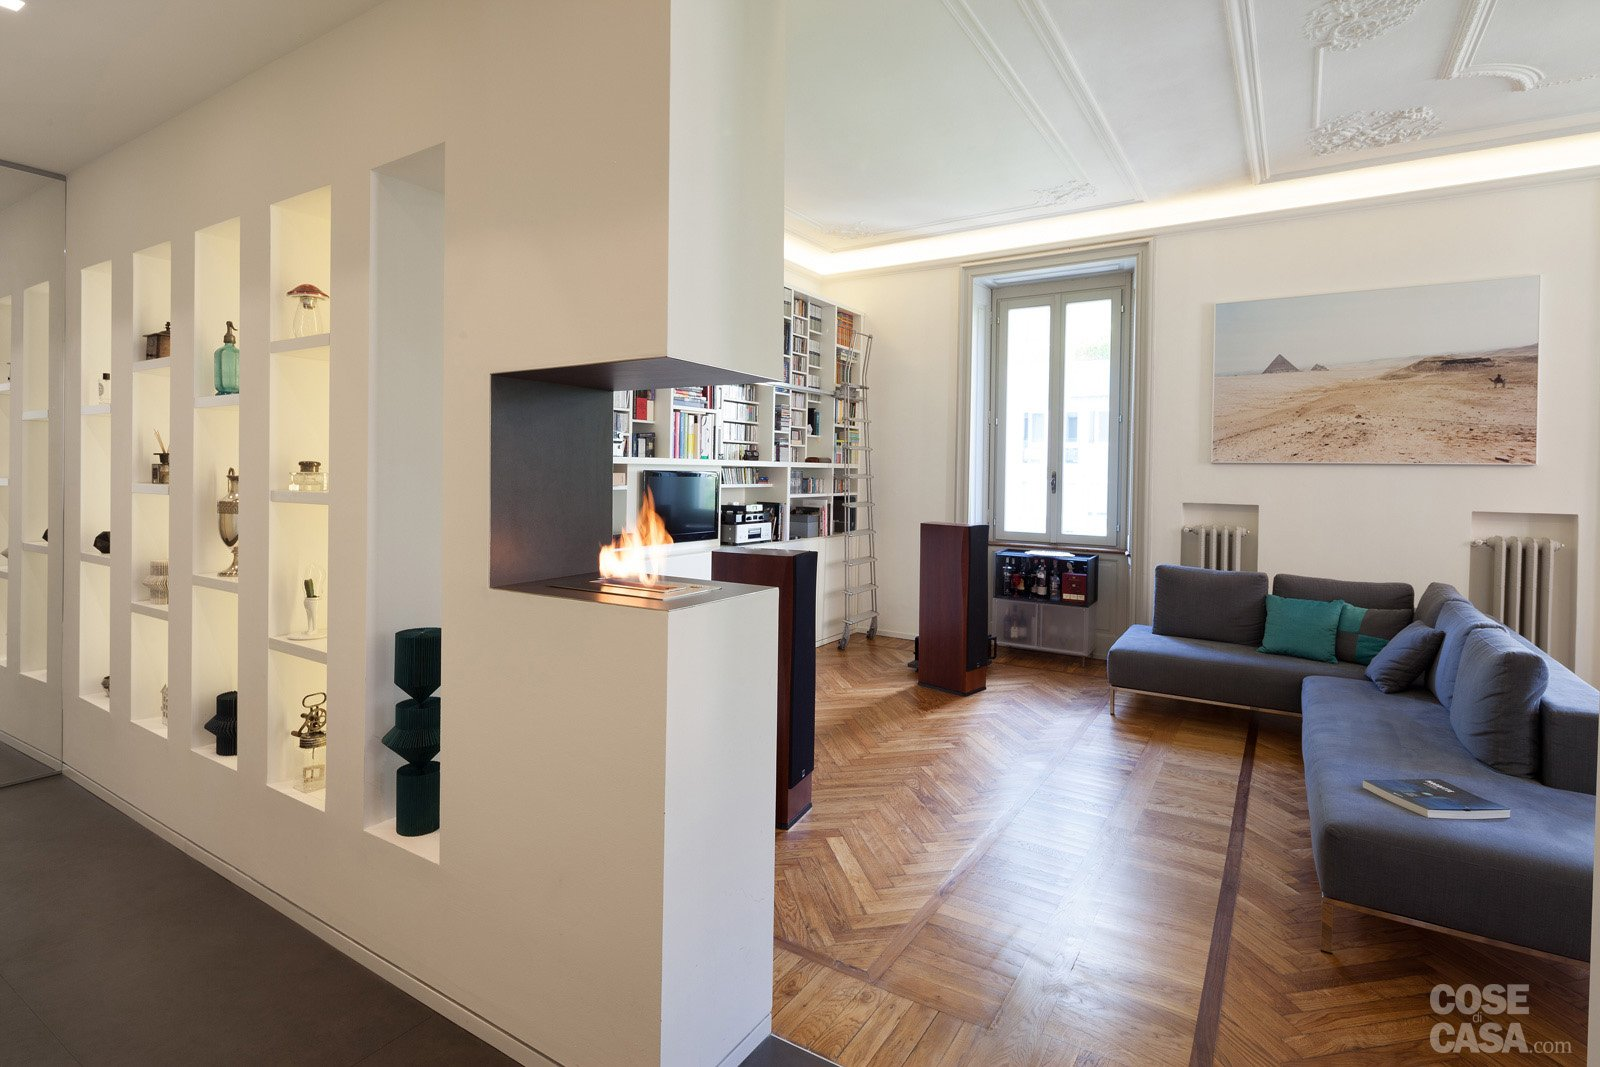 108 mq con nuove divisioni cose di casa for Disegni di casa piano aperto